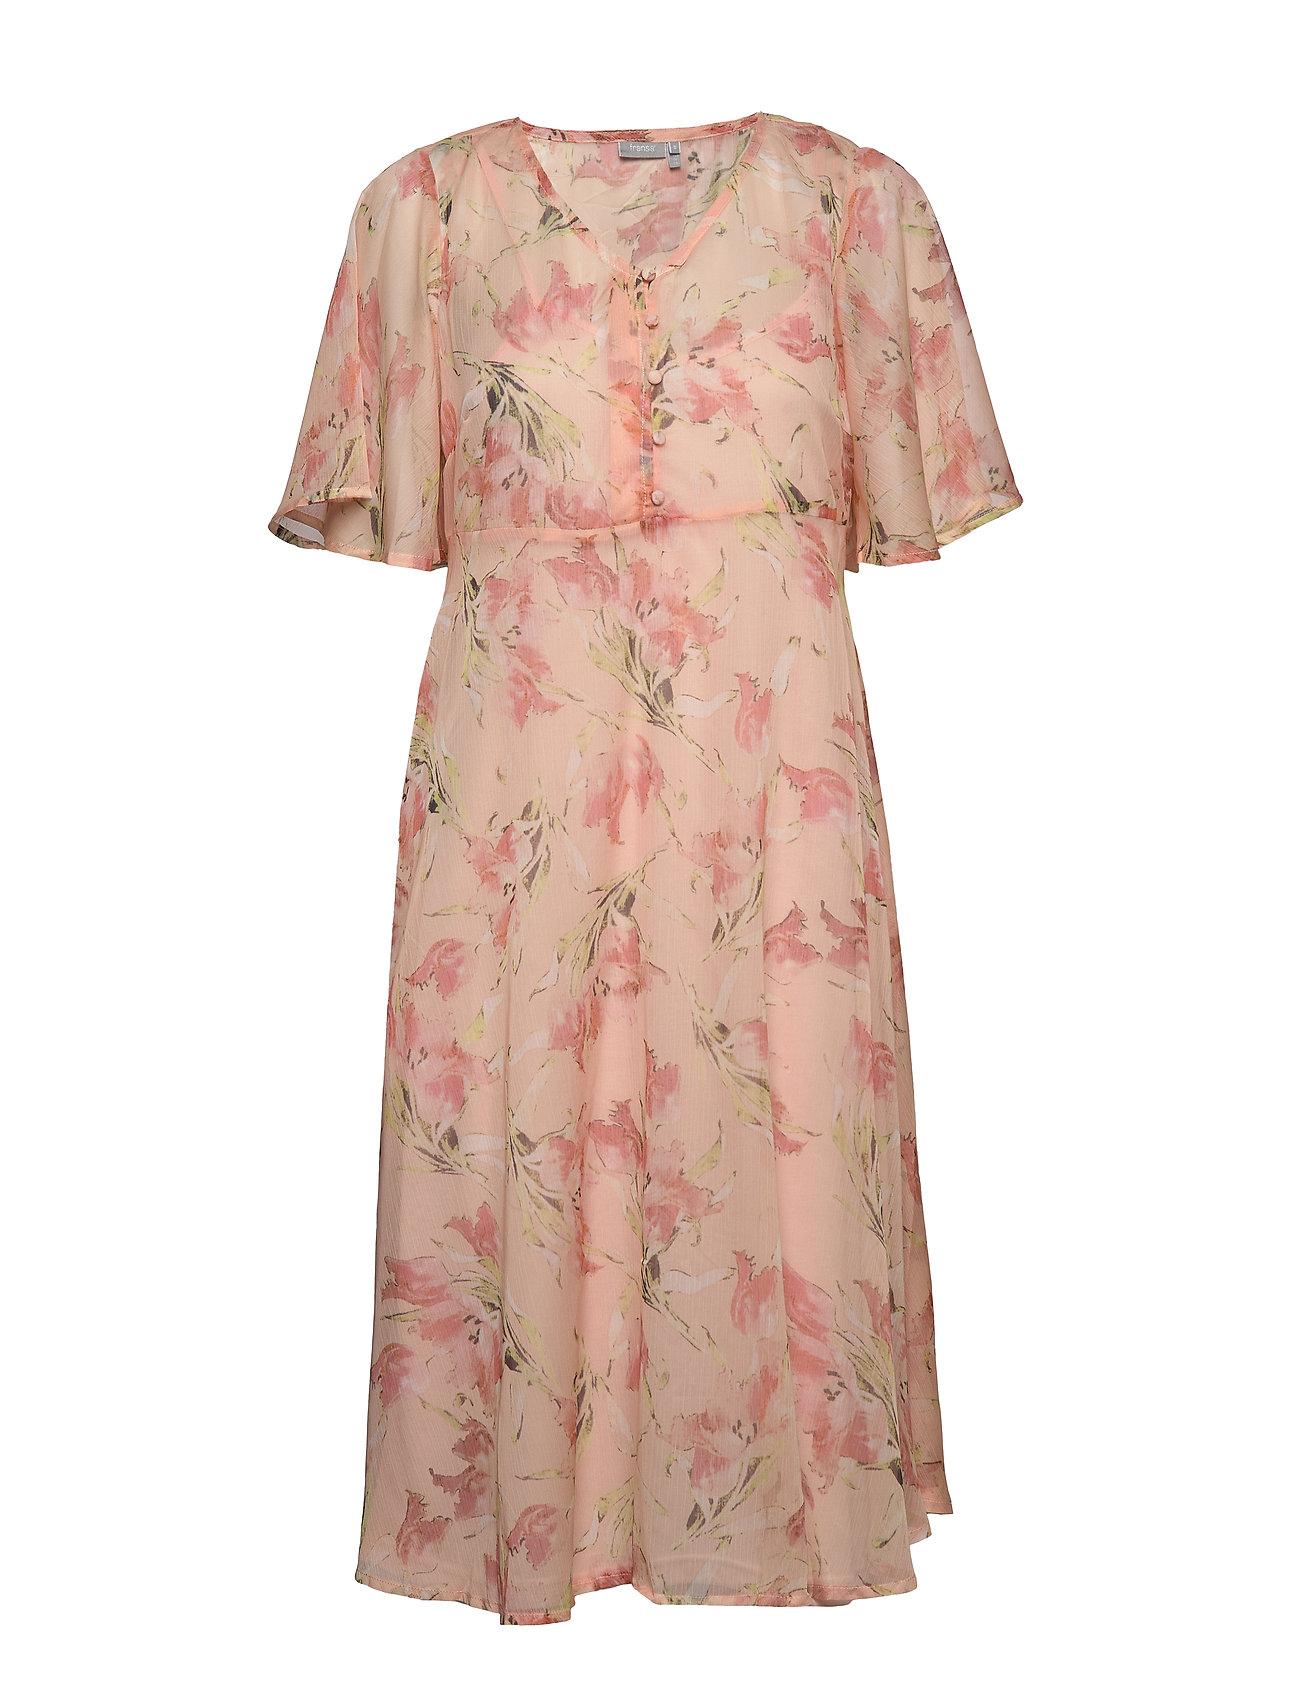 Fransa FRIPCHIFLOW 1 Dress - ENGLISH ROSE MIX